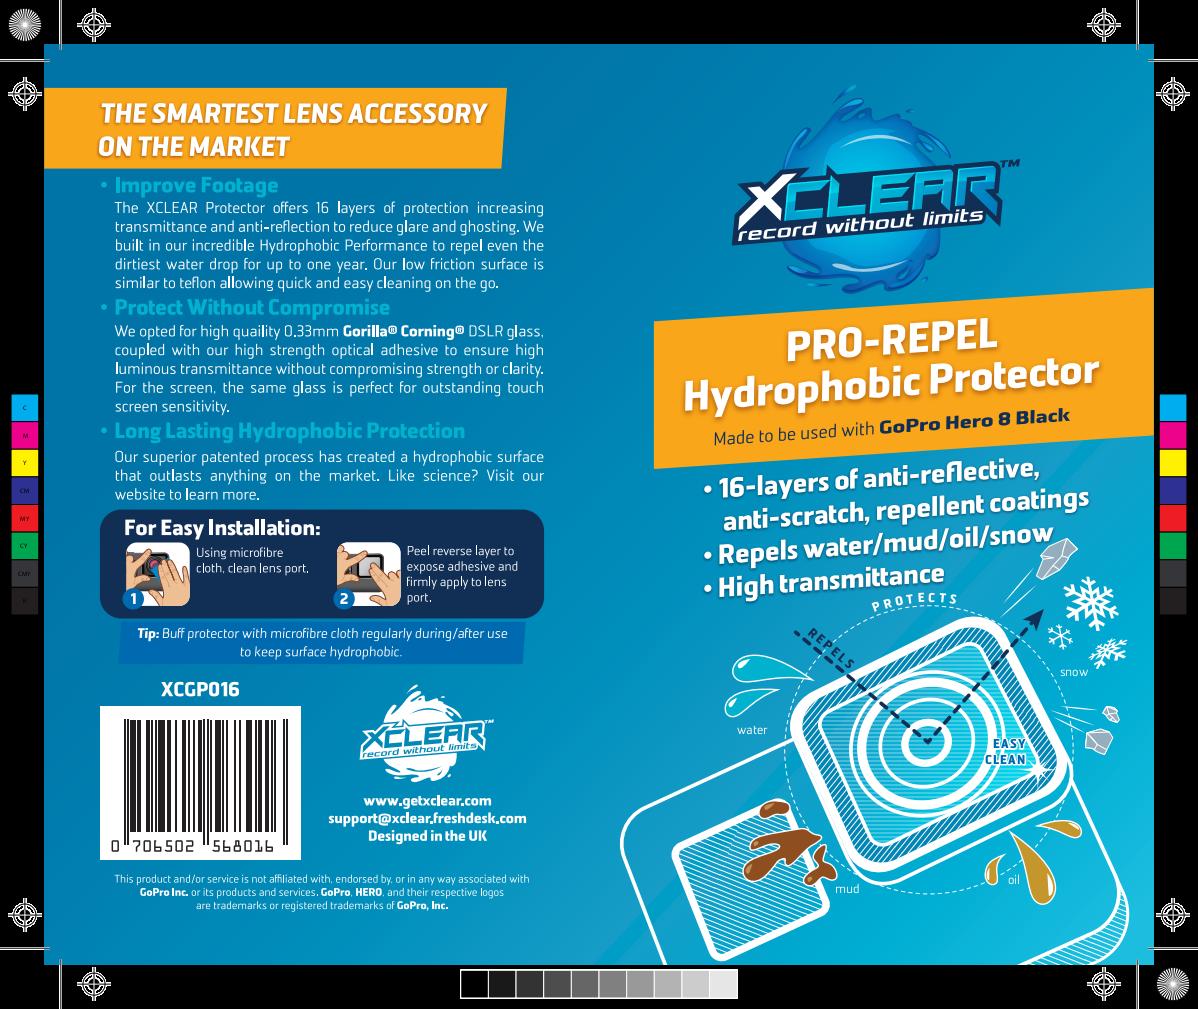 PRO-REPEL GoPro HERO 8 Packaging